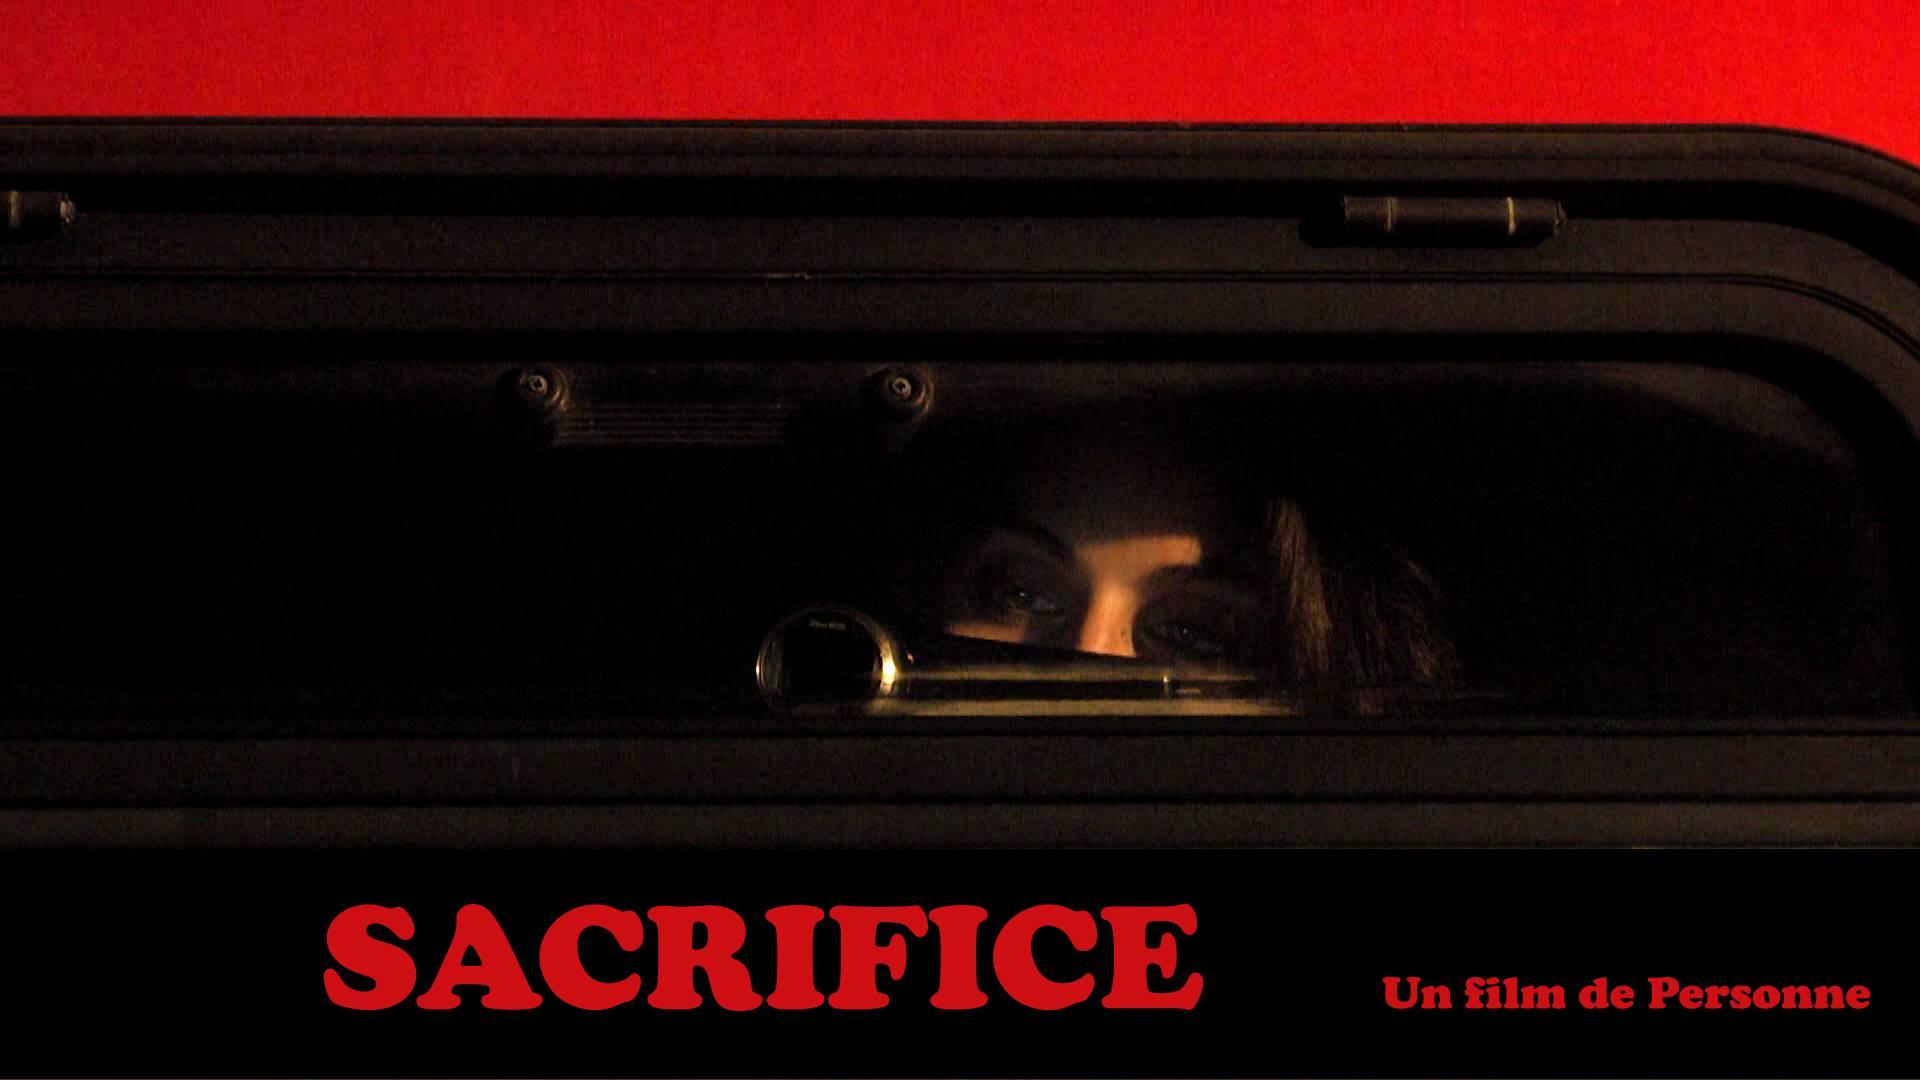 Guichet du film SACRIFICE